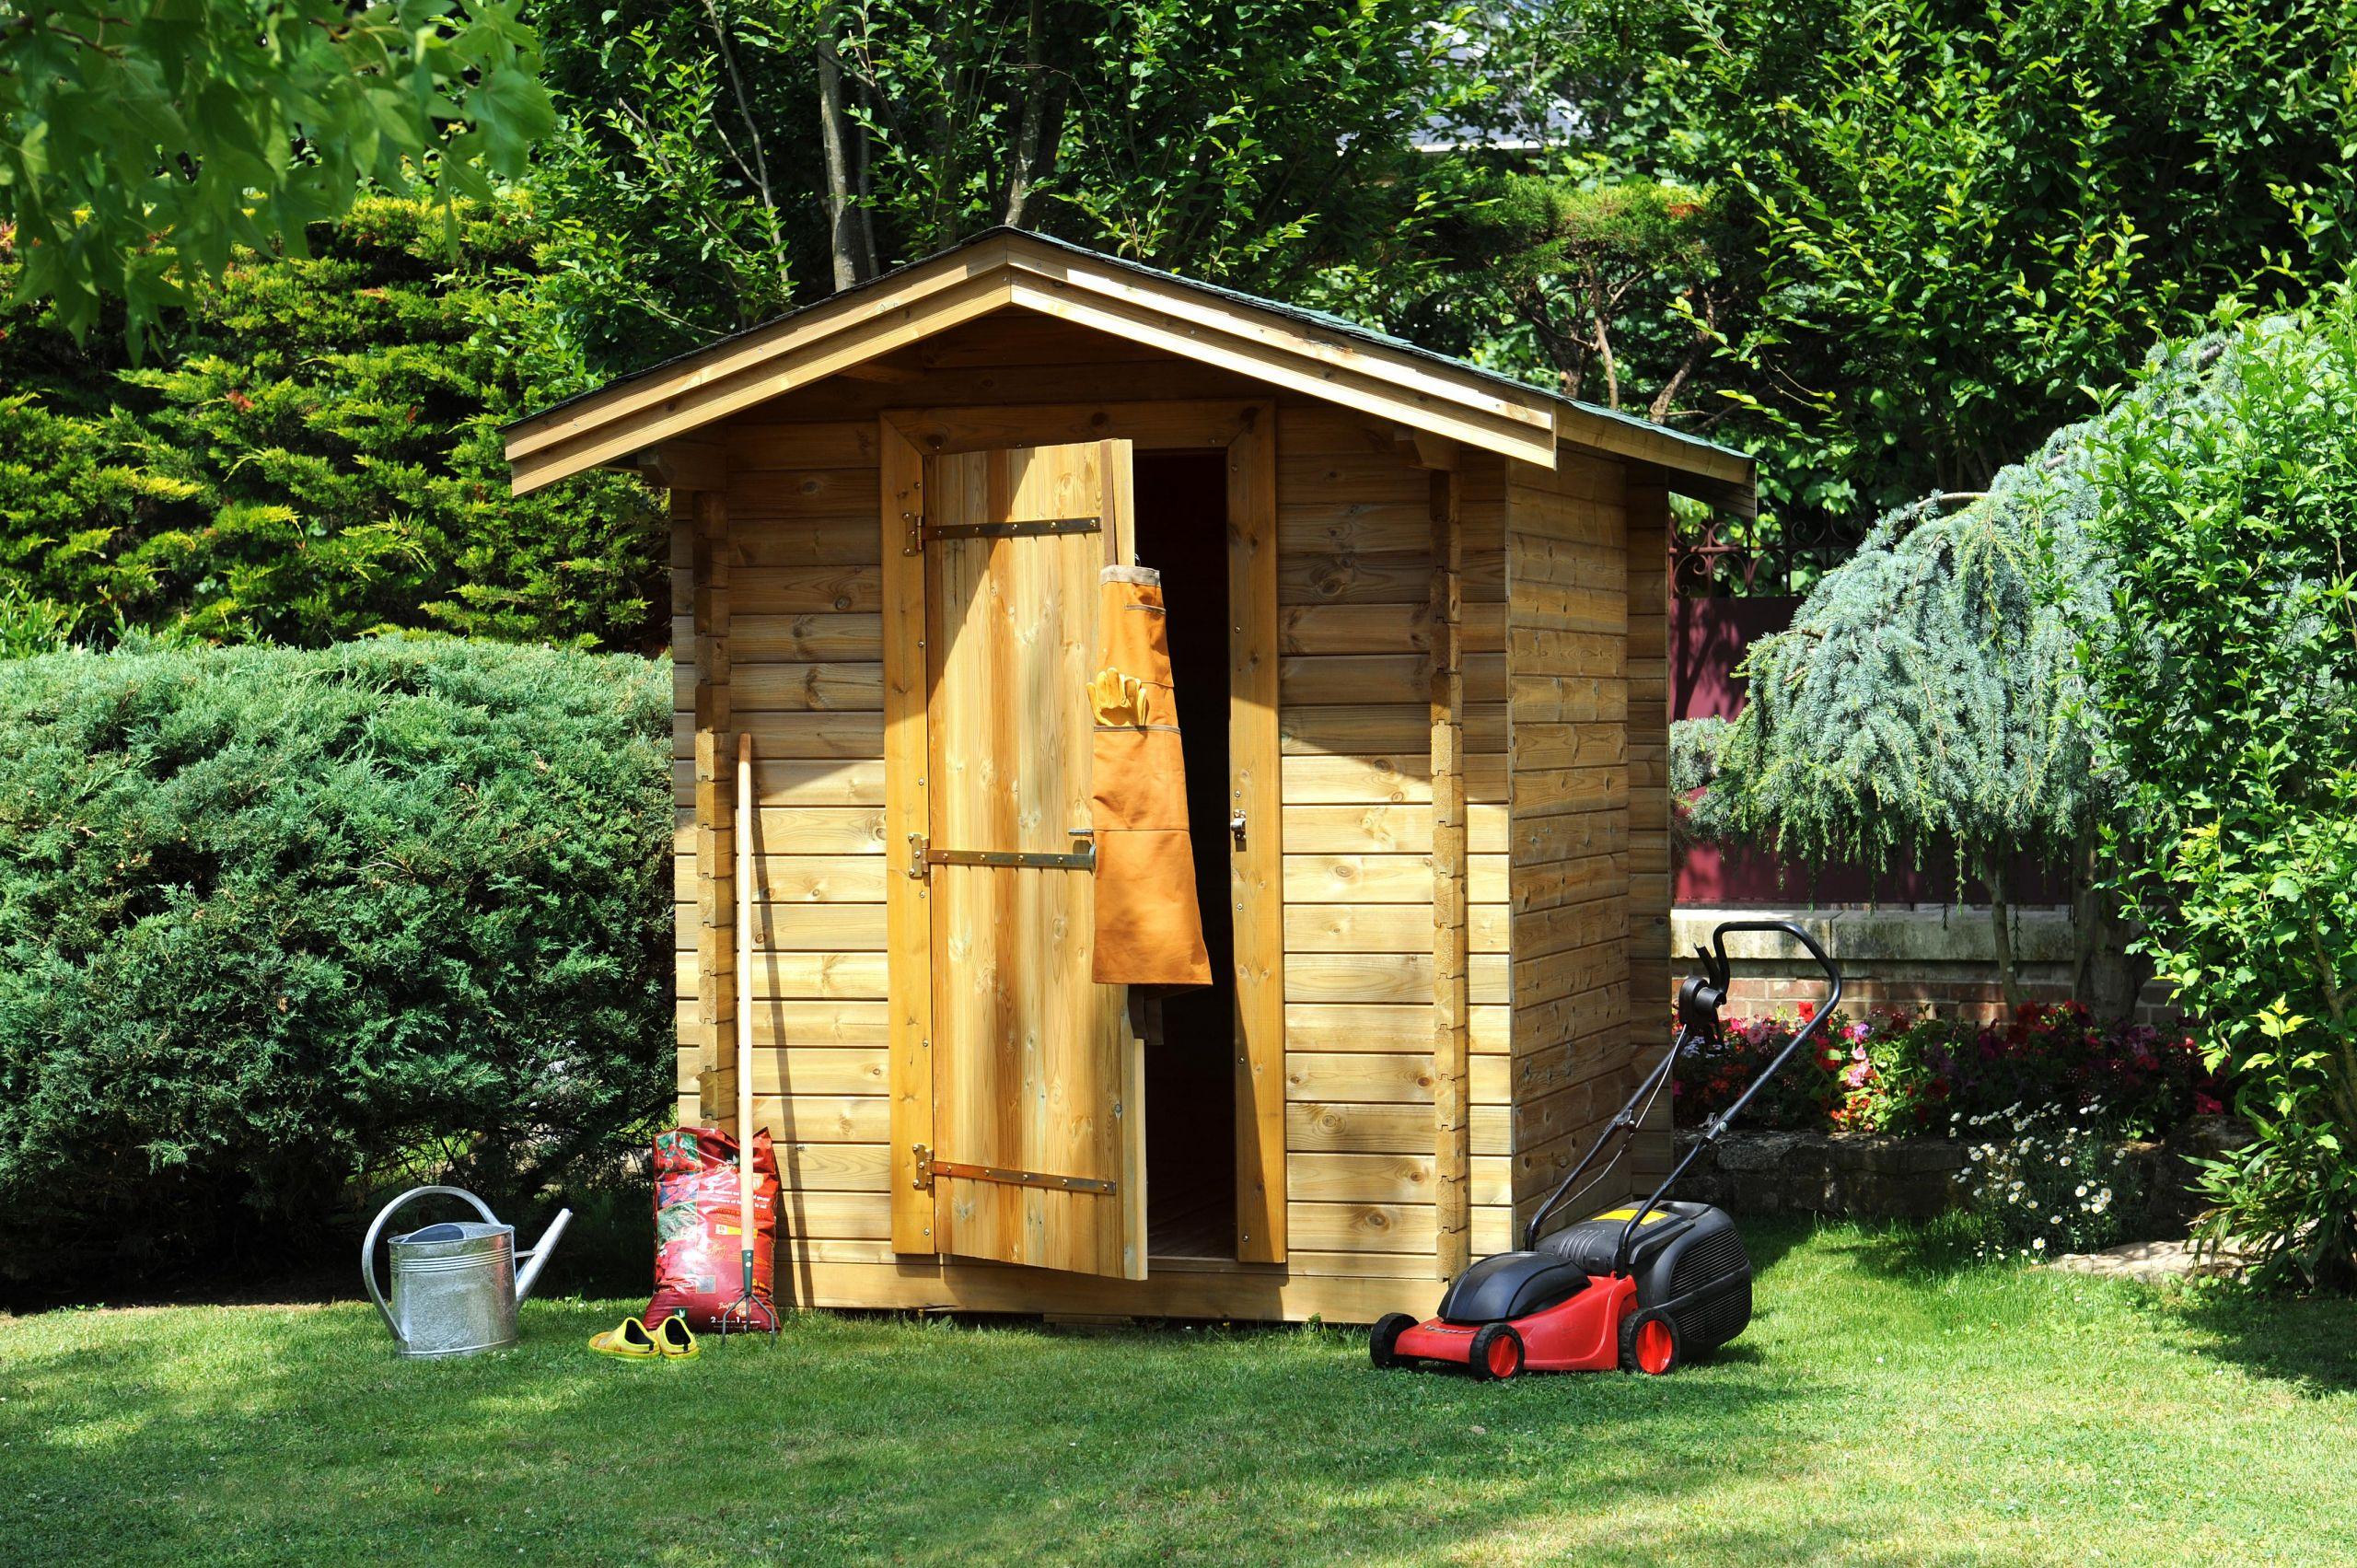 Abri Jardin Autoclave Des Idées - Idees Conception Jardin encequiconcerne Abri De Jardin Autoclave Classe 4